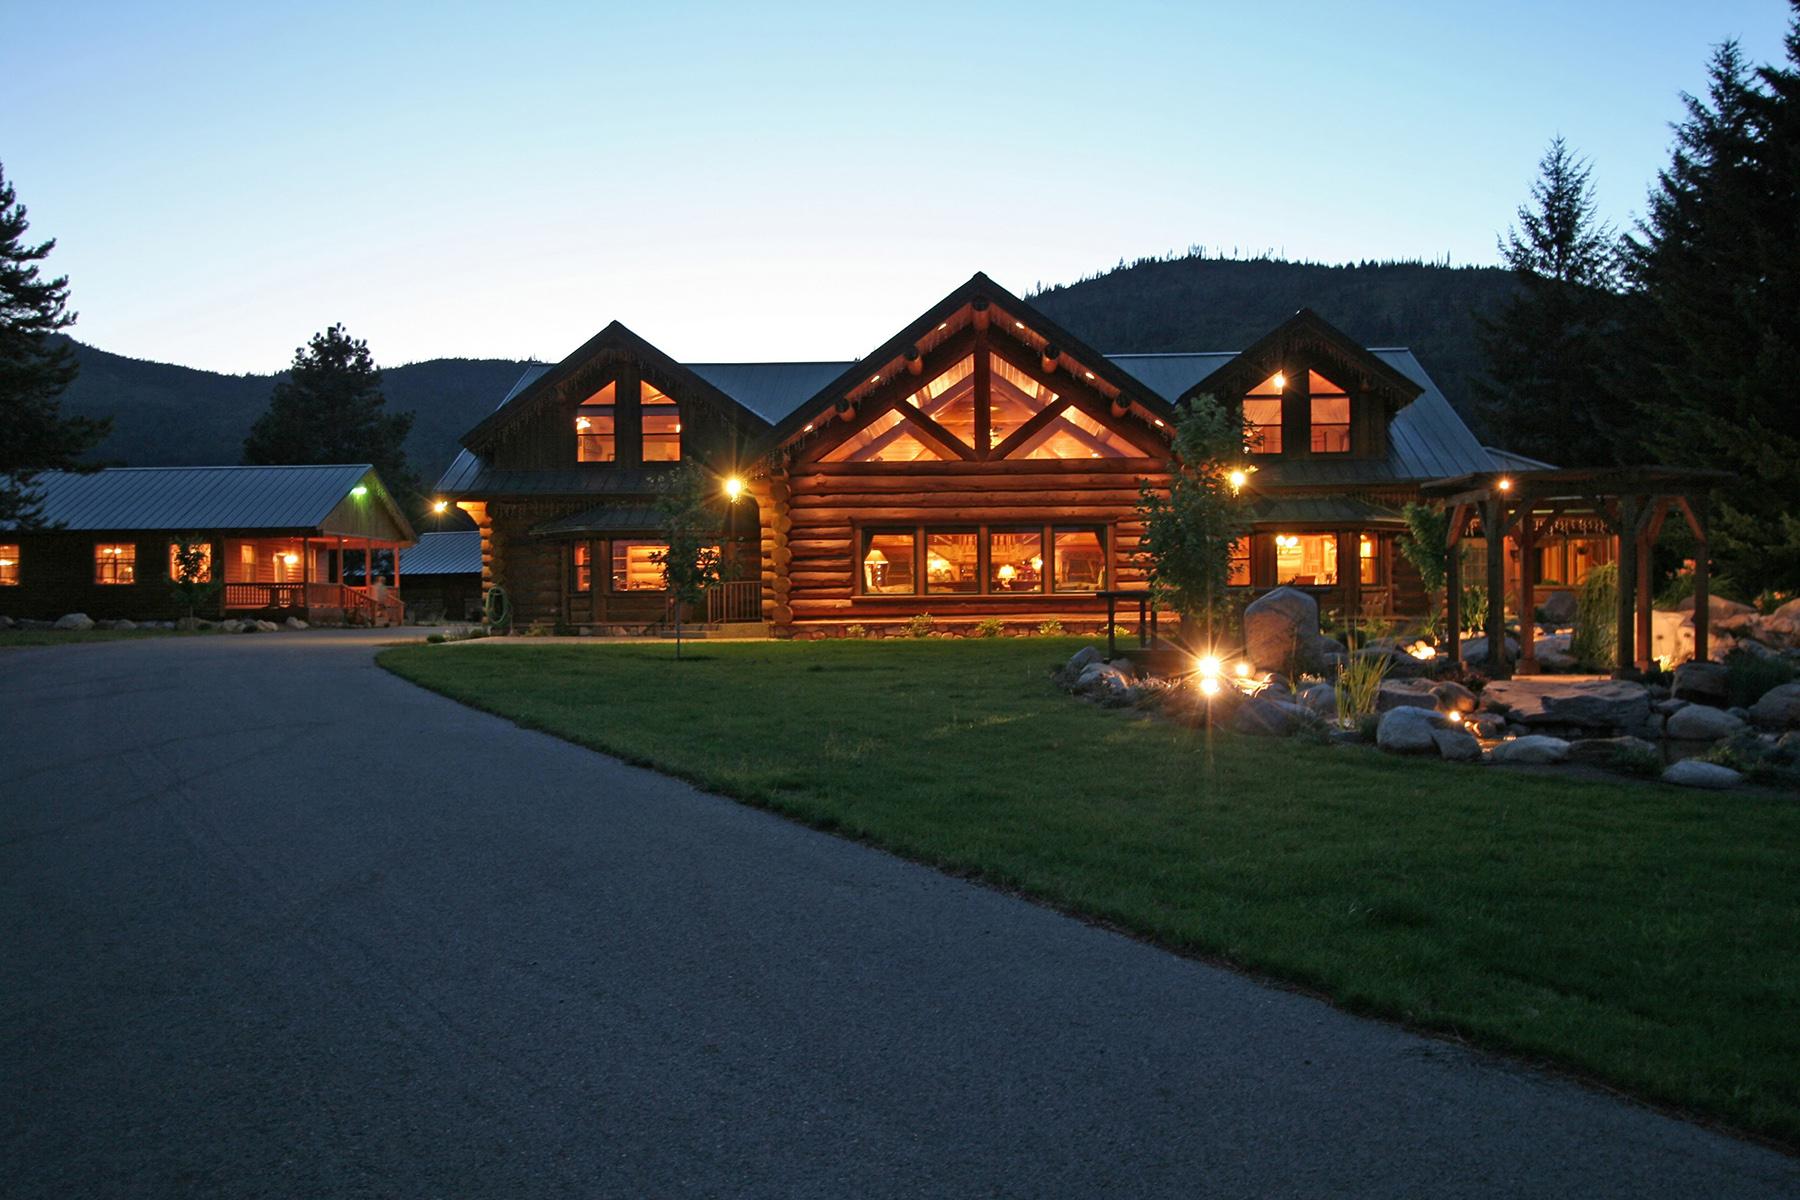 農場/牧場 / プランテーション のために 売買 アット Premier Log Estate 6387 W Sturgeon Rd Rathdrum, アイダホ 83858 アメリカ合衆国